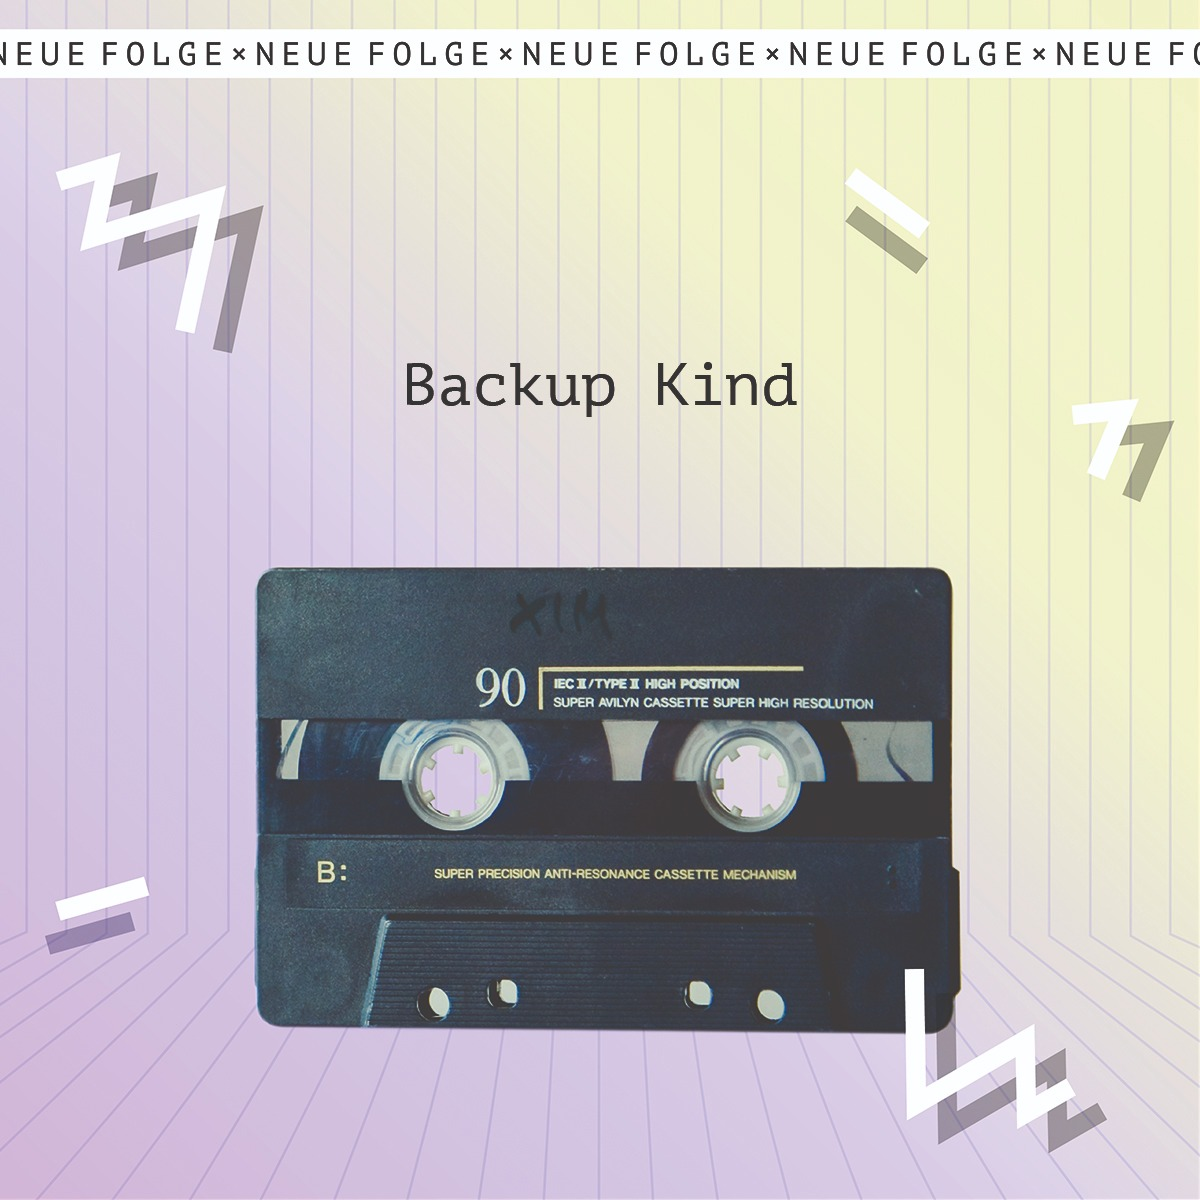 Backup Kind